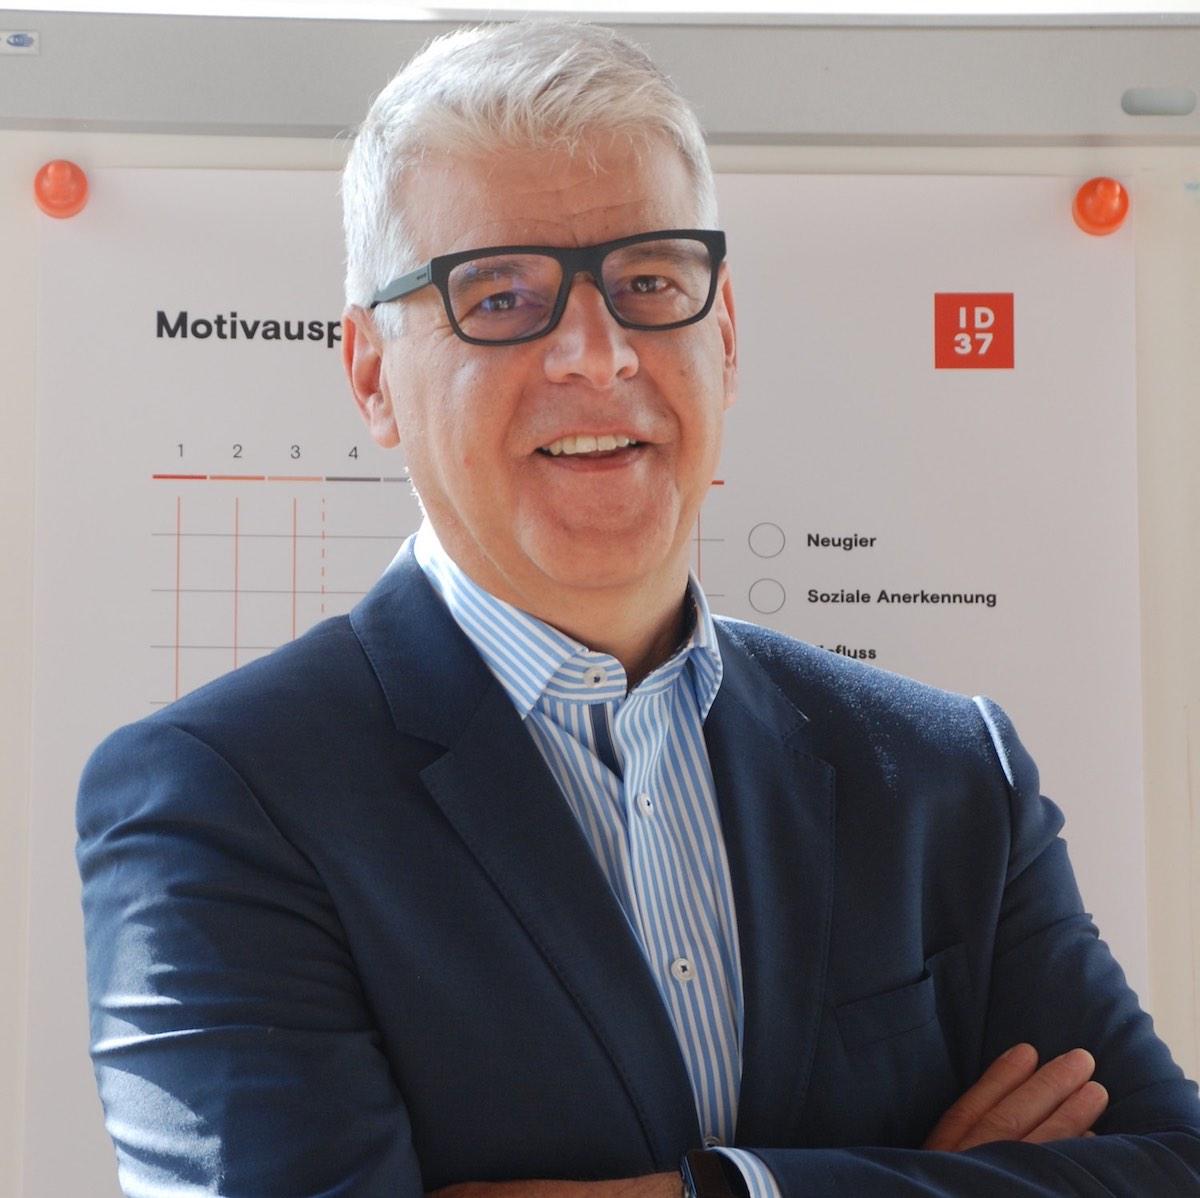 ID37 Instructor Werner Bruch